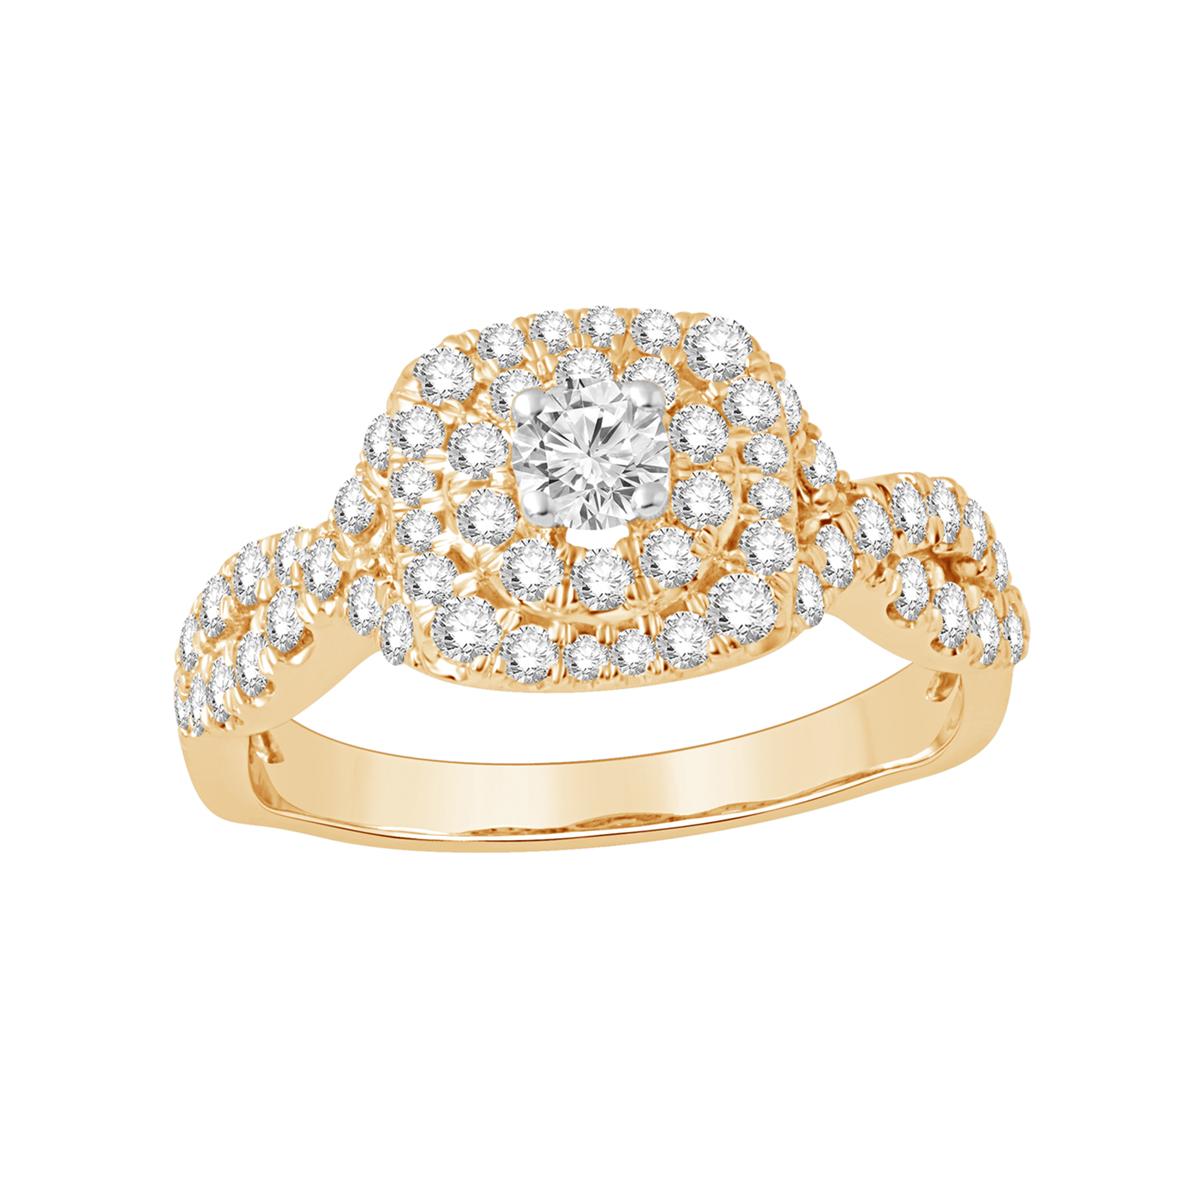 Paramount Gems 14 Karat Yellow Gold 1 Carat Diamond Ring